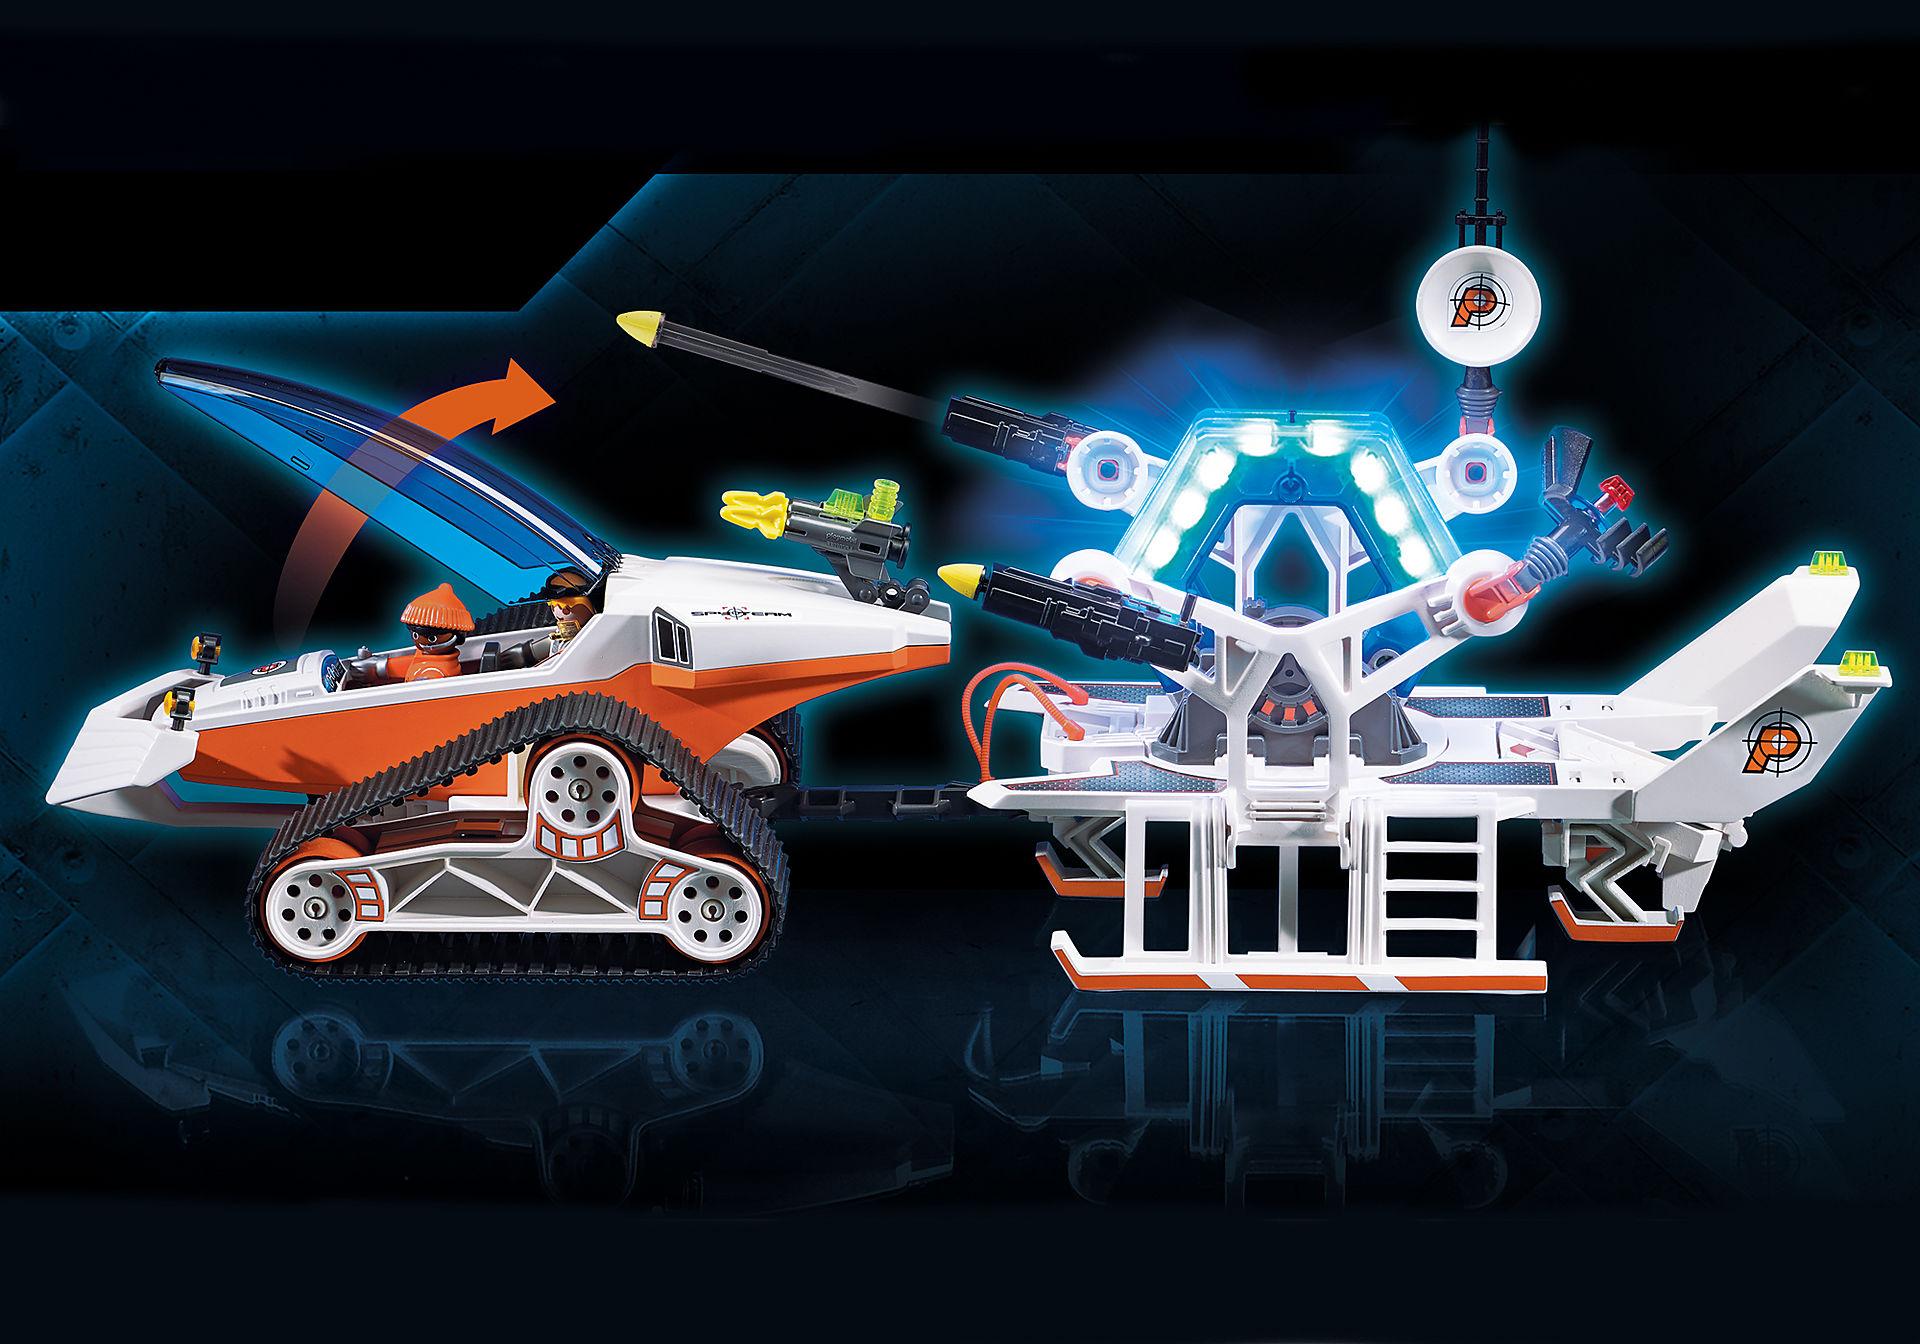 70230 Spy Team Pojazd gąsienicowy zoom image4